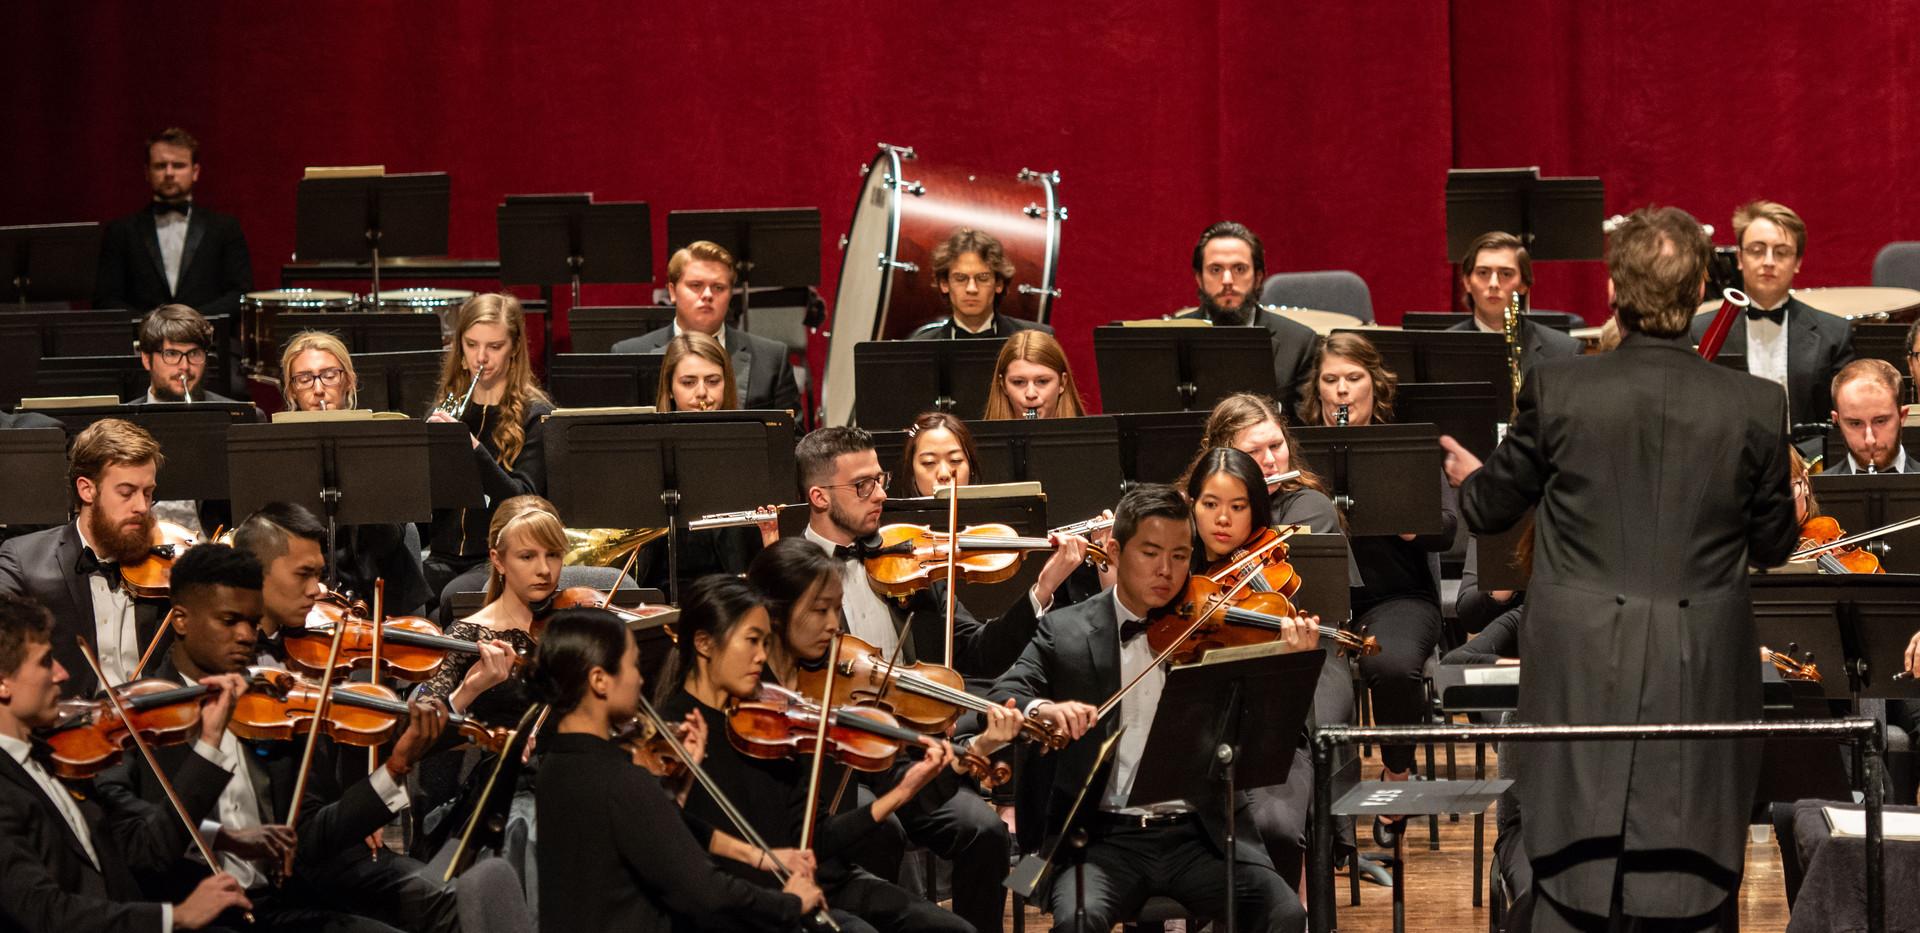 University of University of Kentucky Symphony Orchestra